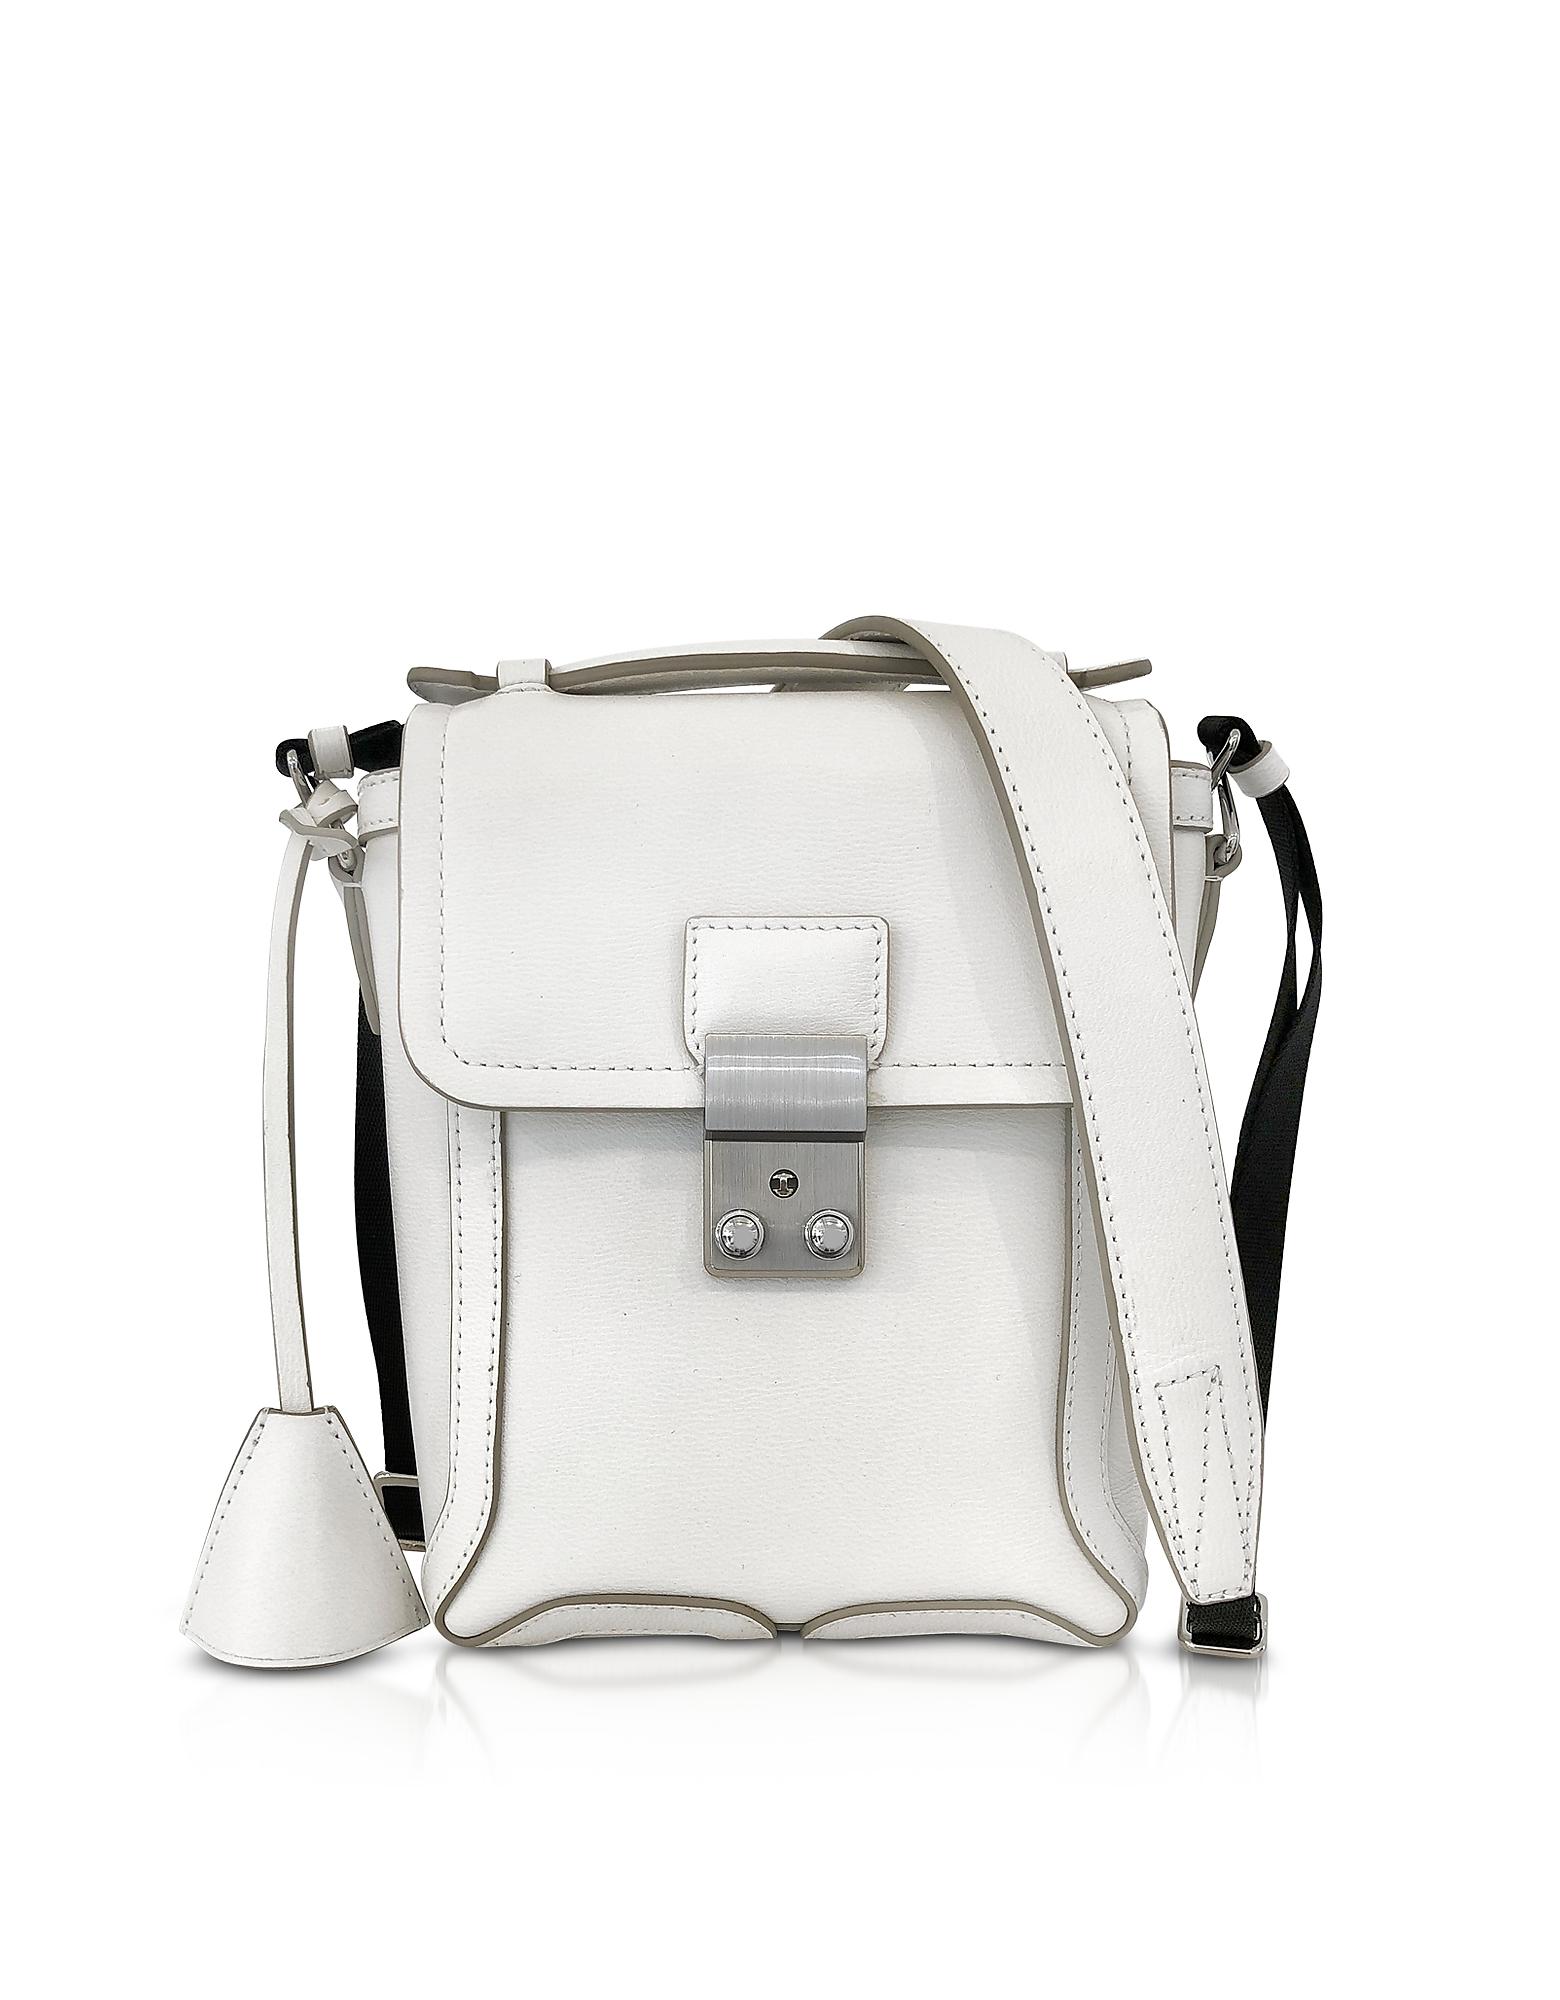 Pashli Camera Bag in White